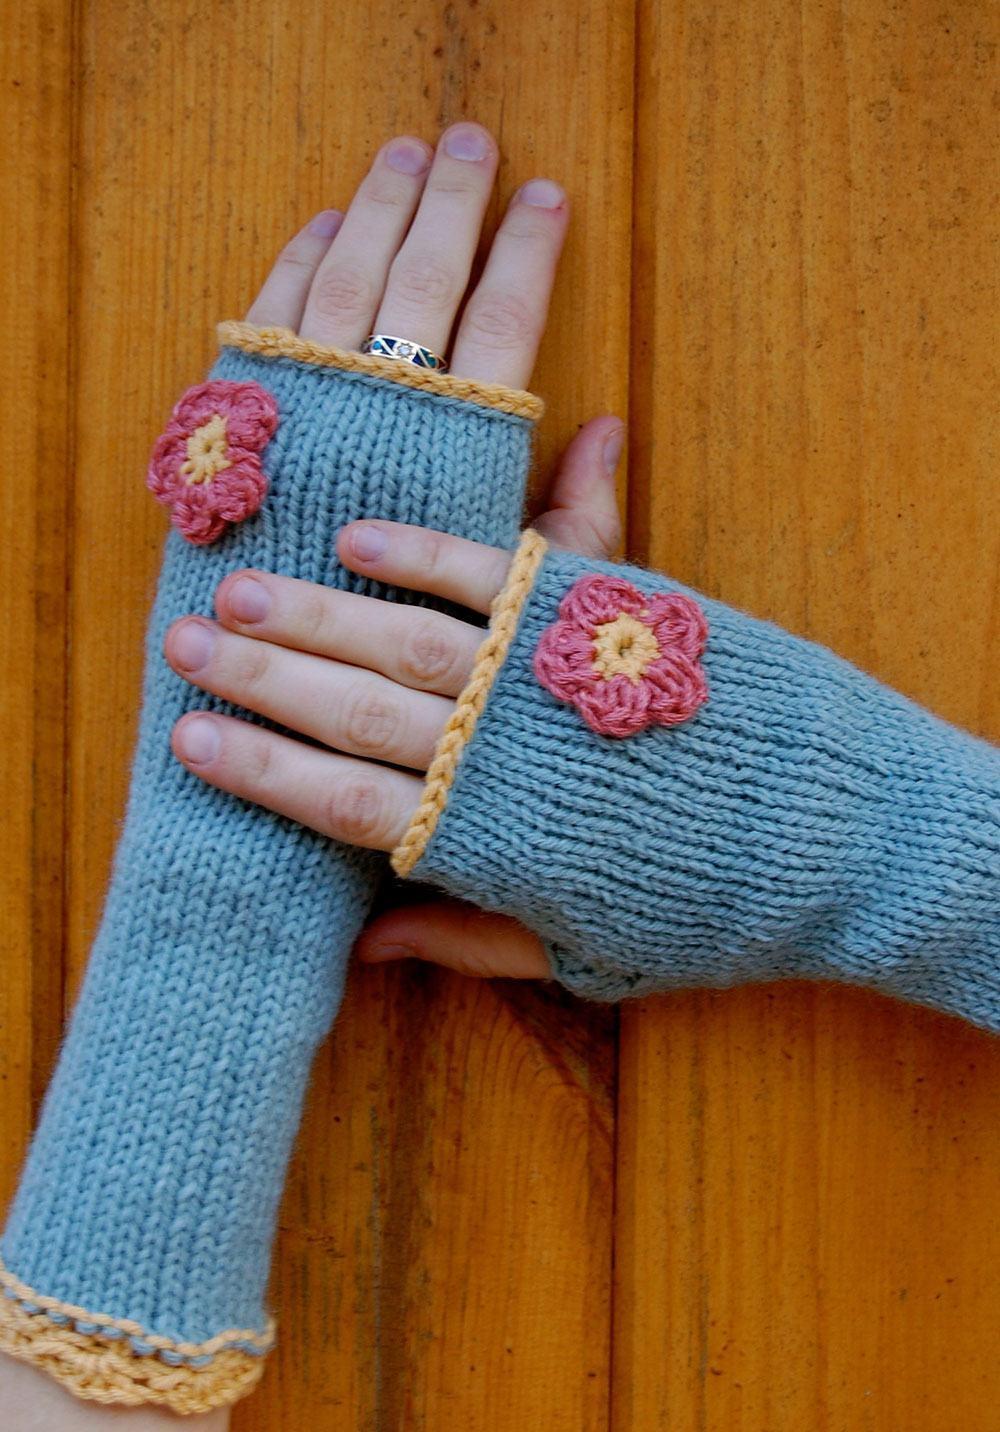 Luva de crochê com flor rosa